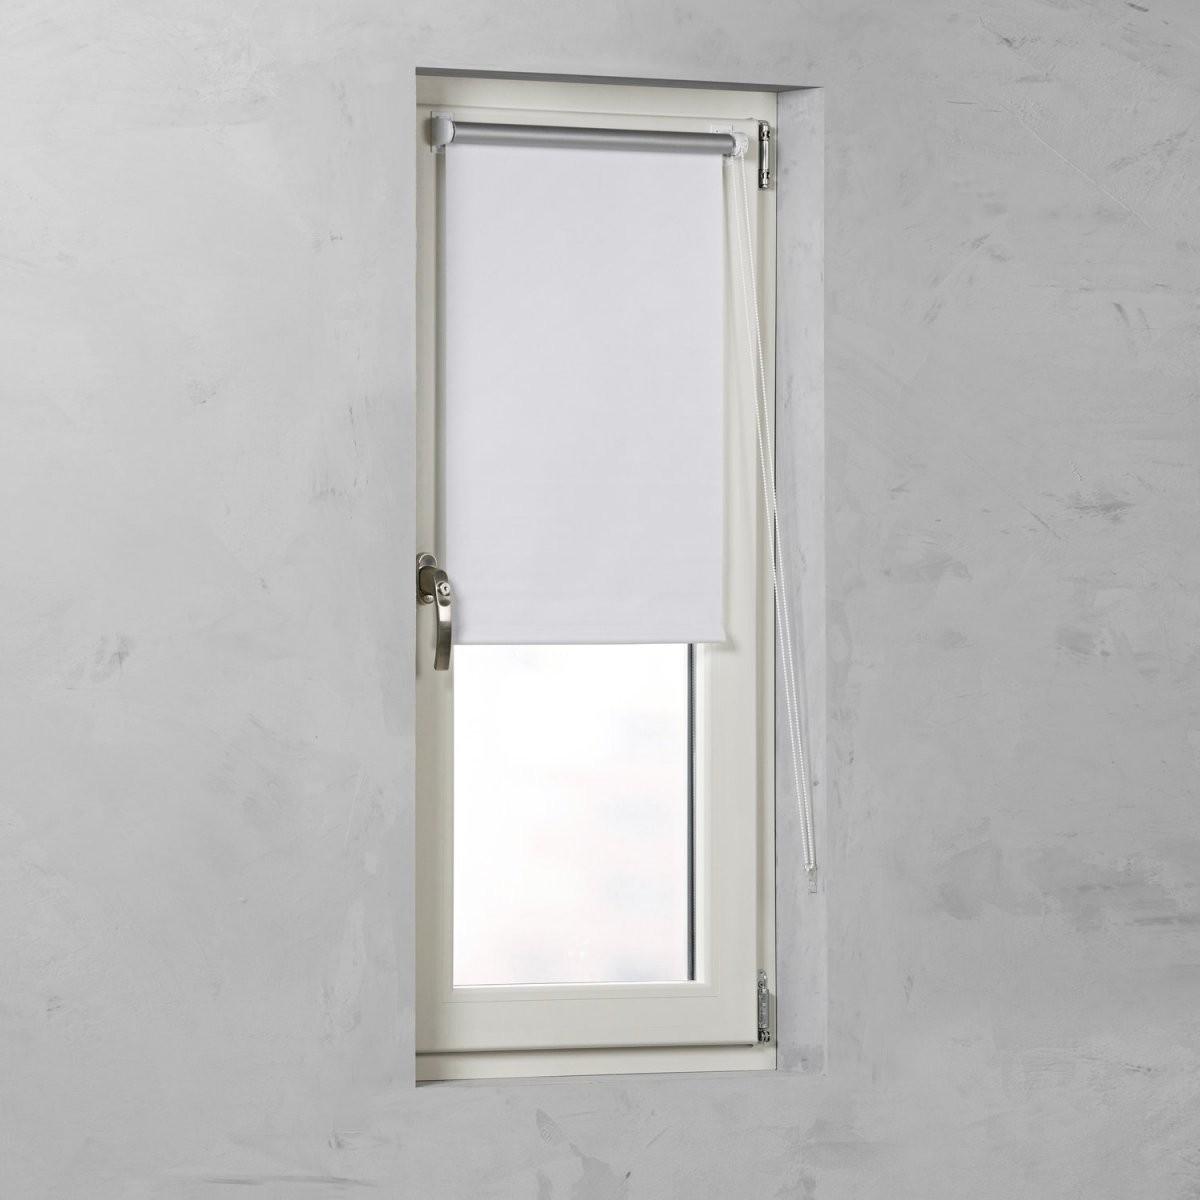 Rollos  Raffrollos Online Kaufen Bei Obi von Fenster Rollo Zum Einhängen Photo